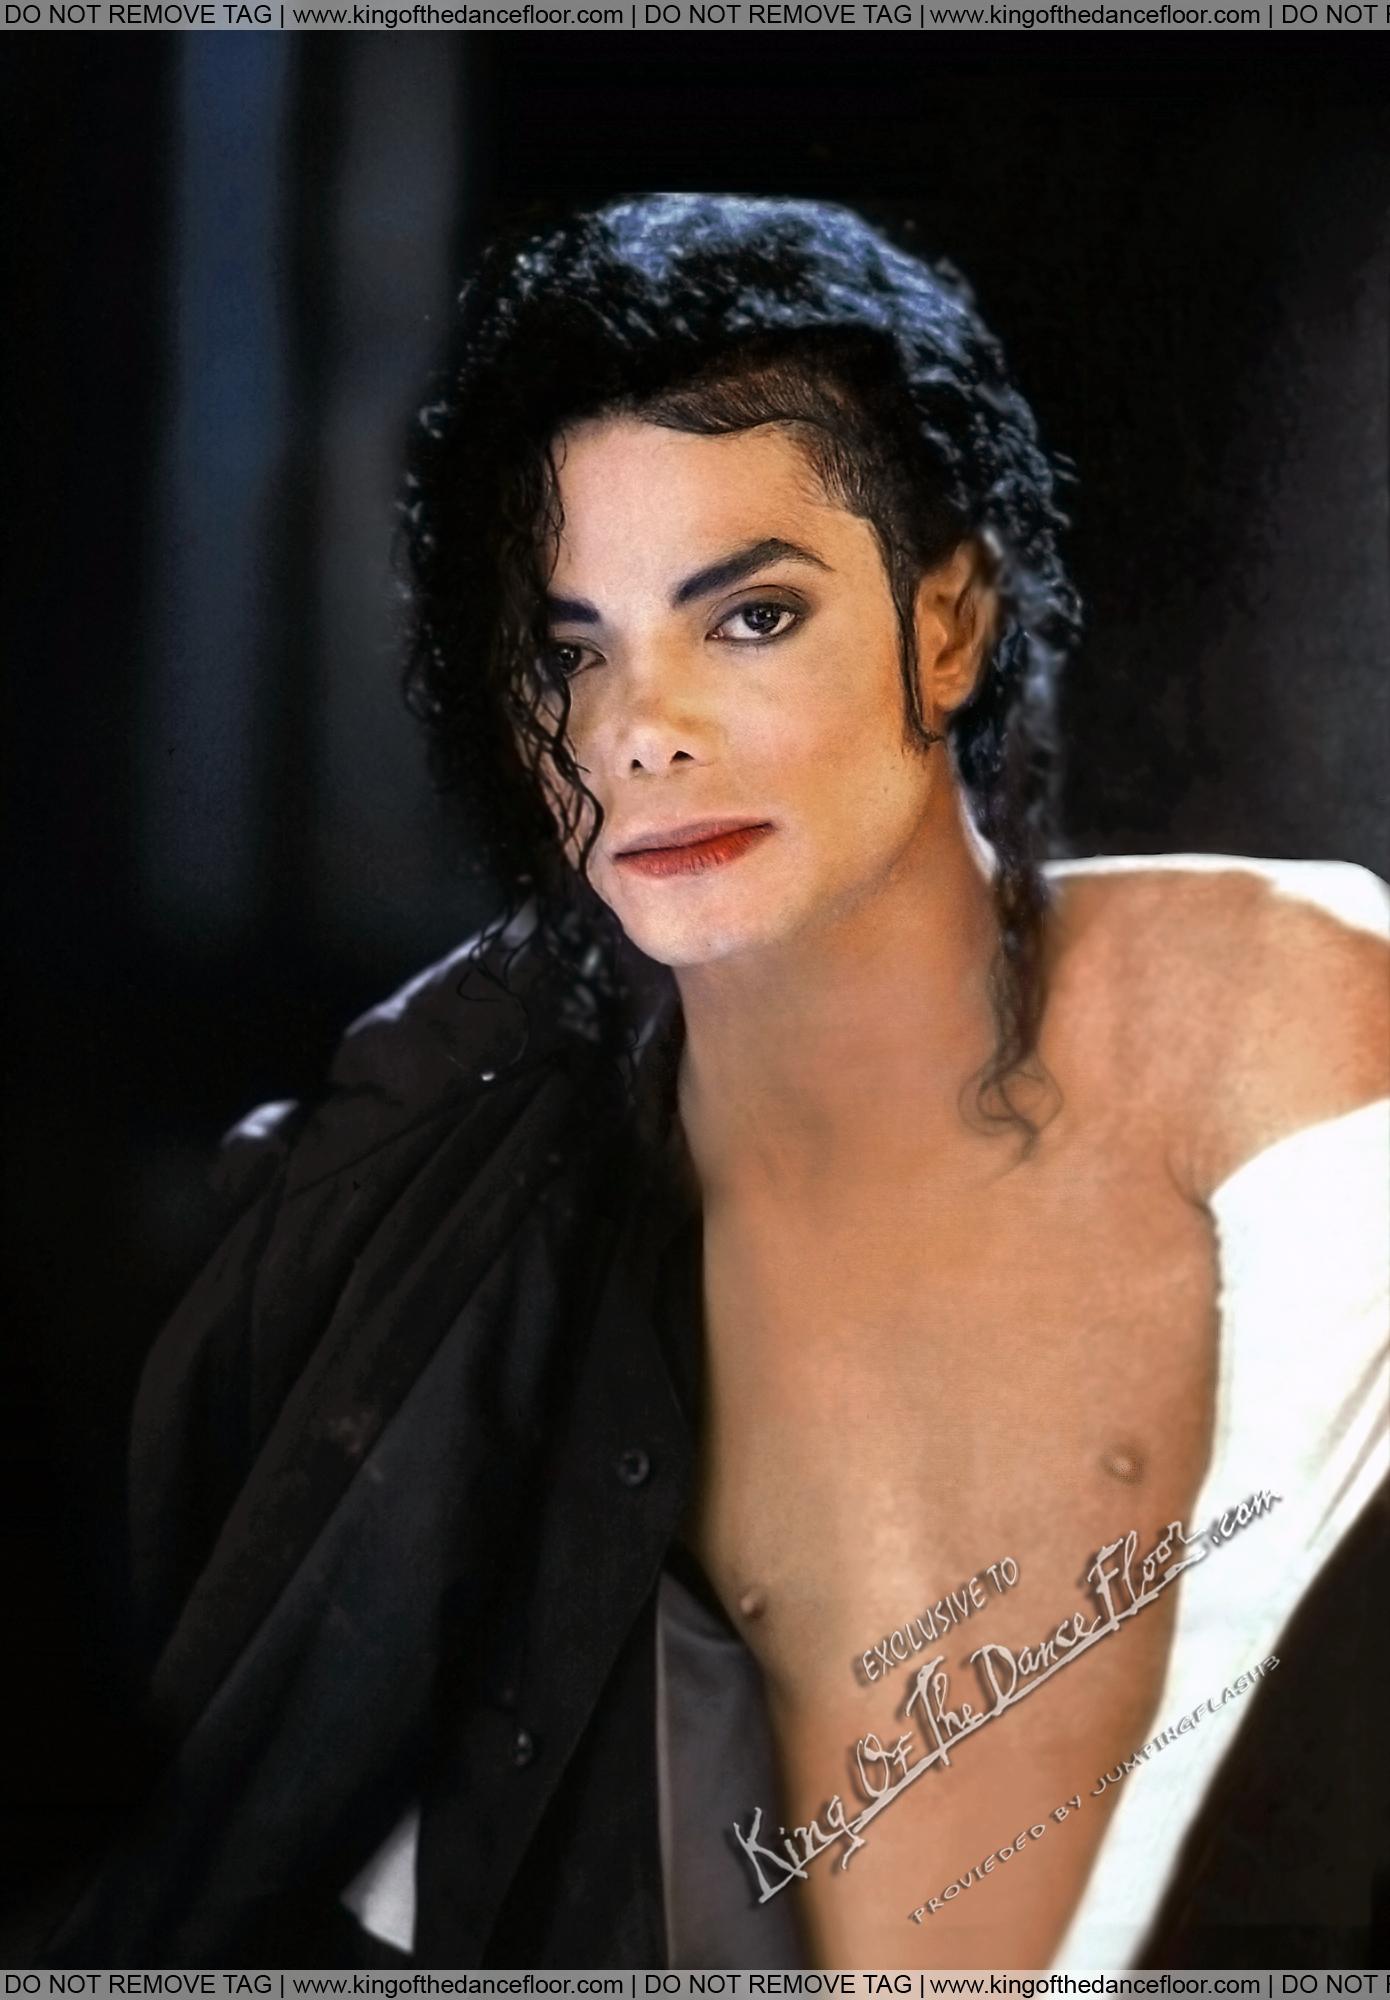 Michael♥♥ - Michael Jackson Photo (18426568) - Fanpop fanclubs